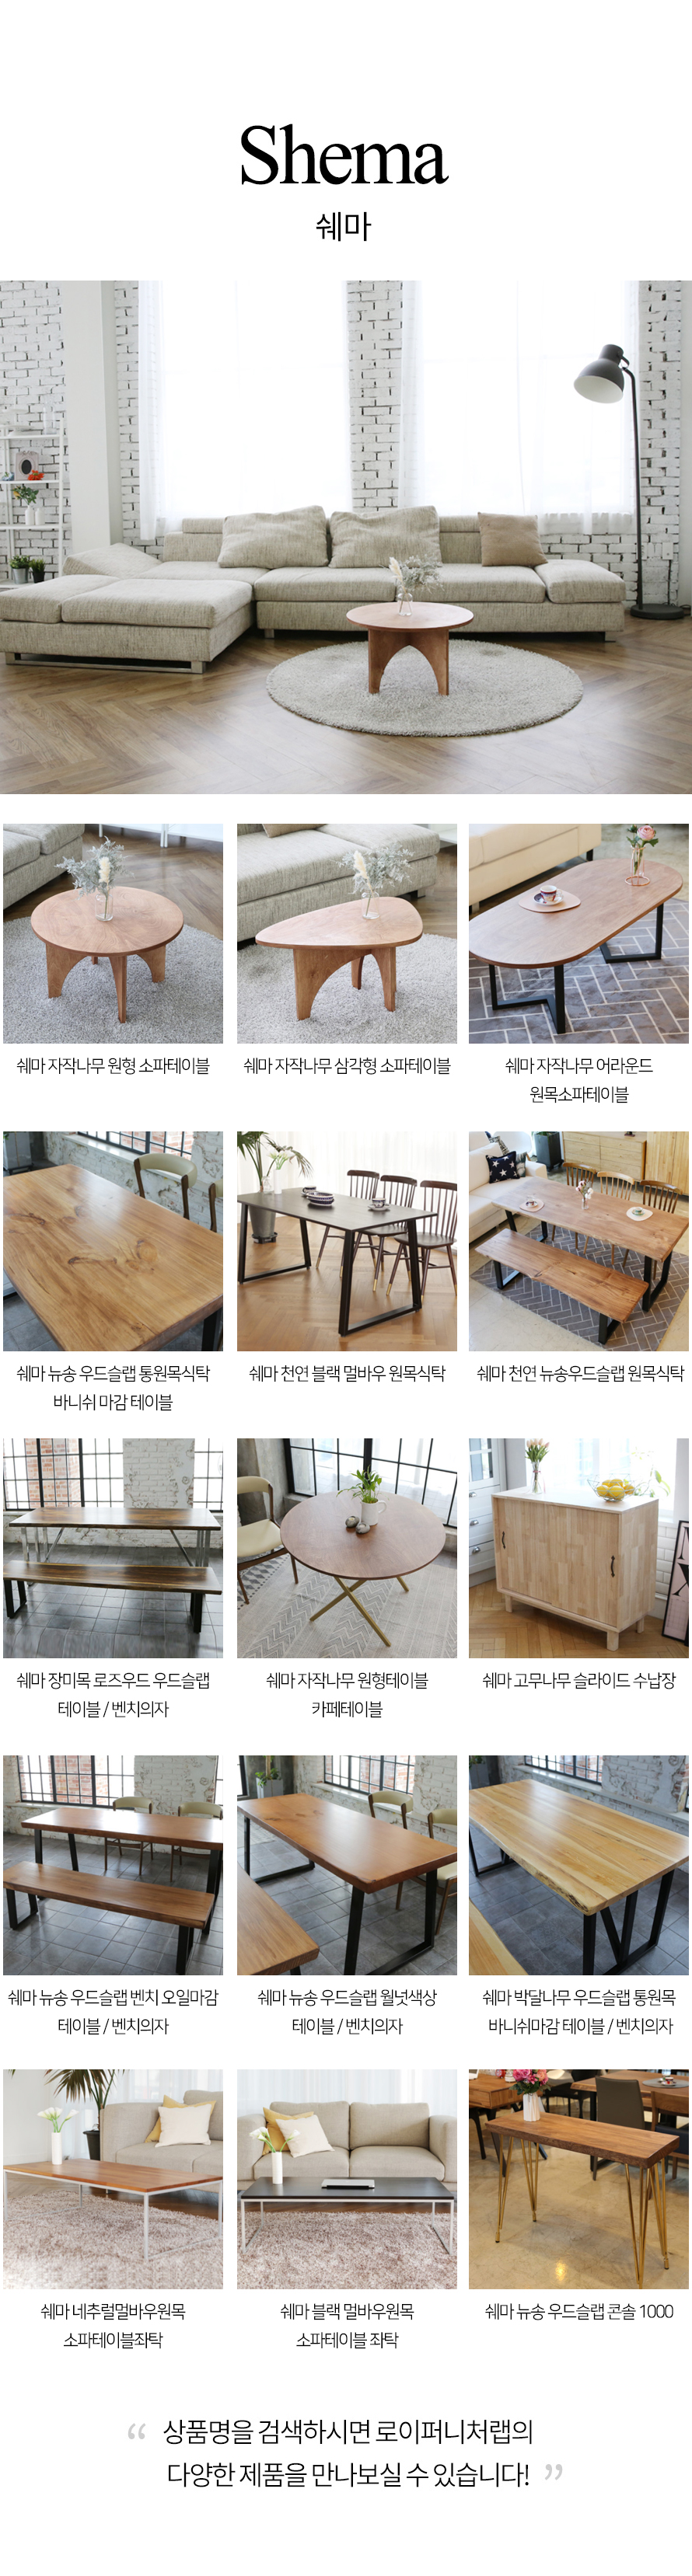 쉐마 자작나무 원형 소파테이블 - 로이퍼니처랩, 250,000원, 거실 테이블, 소파테이블